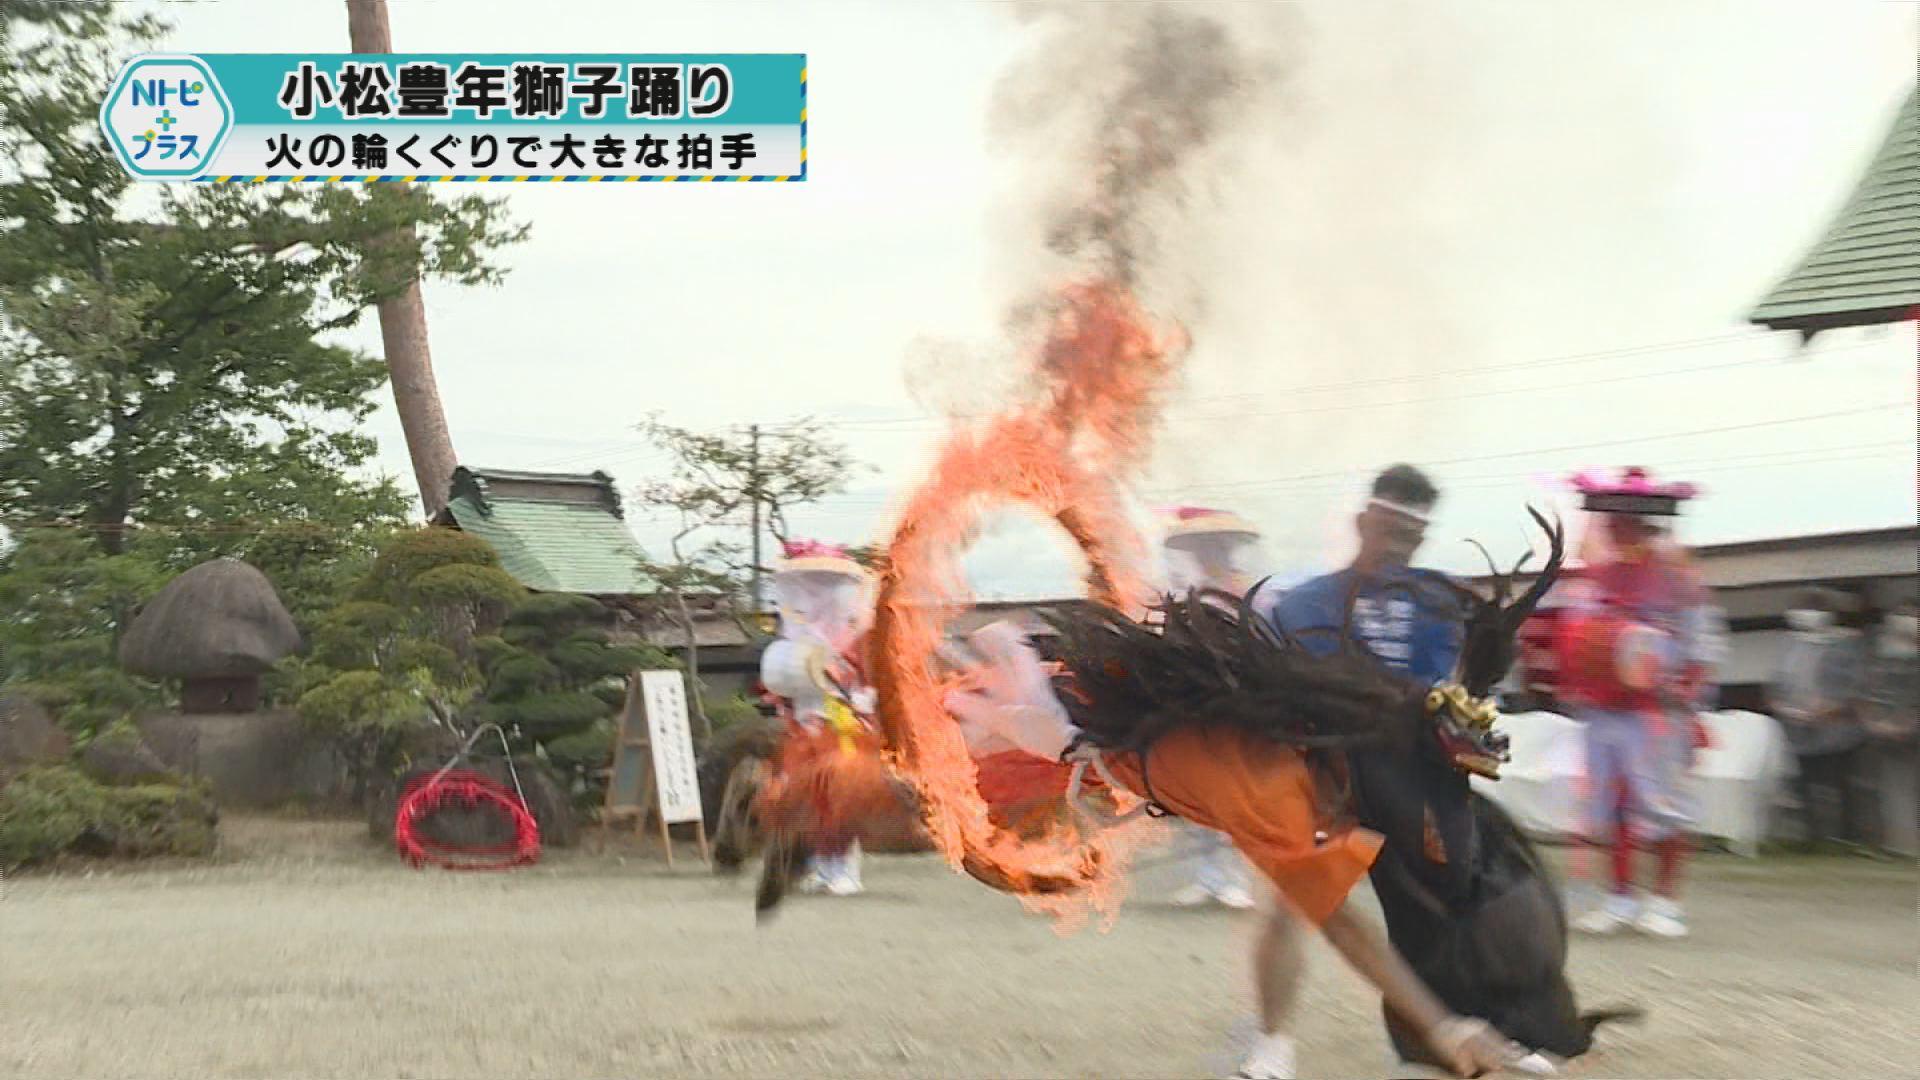 「小松豊年獅子踊り」火の輪くぐりで大きな拍手